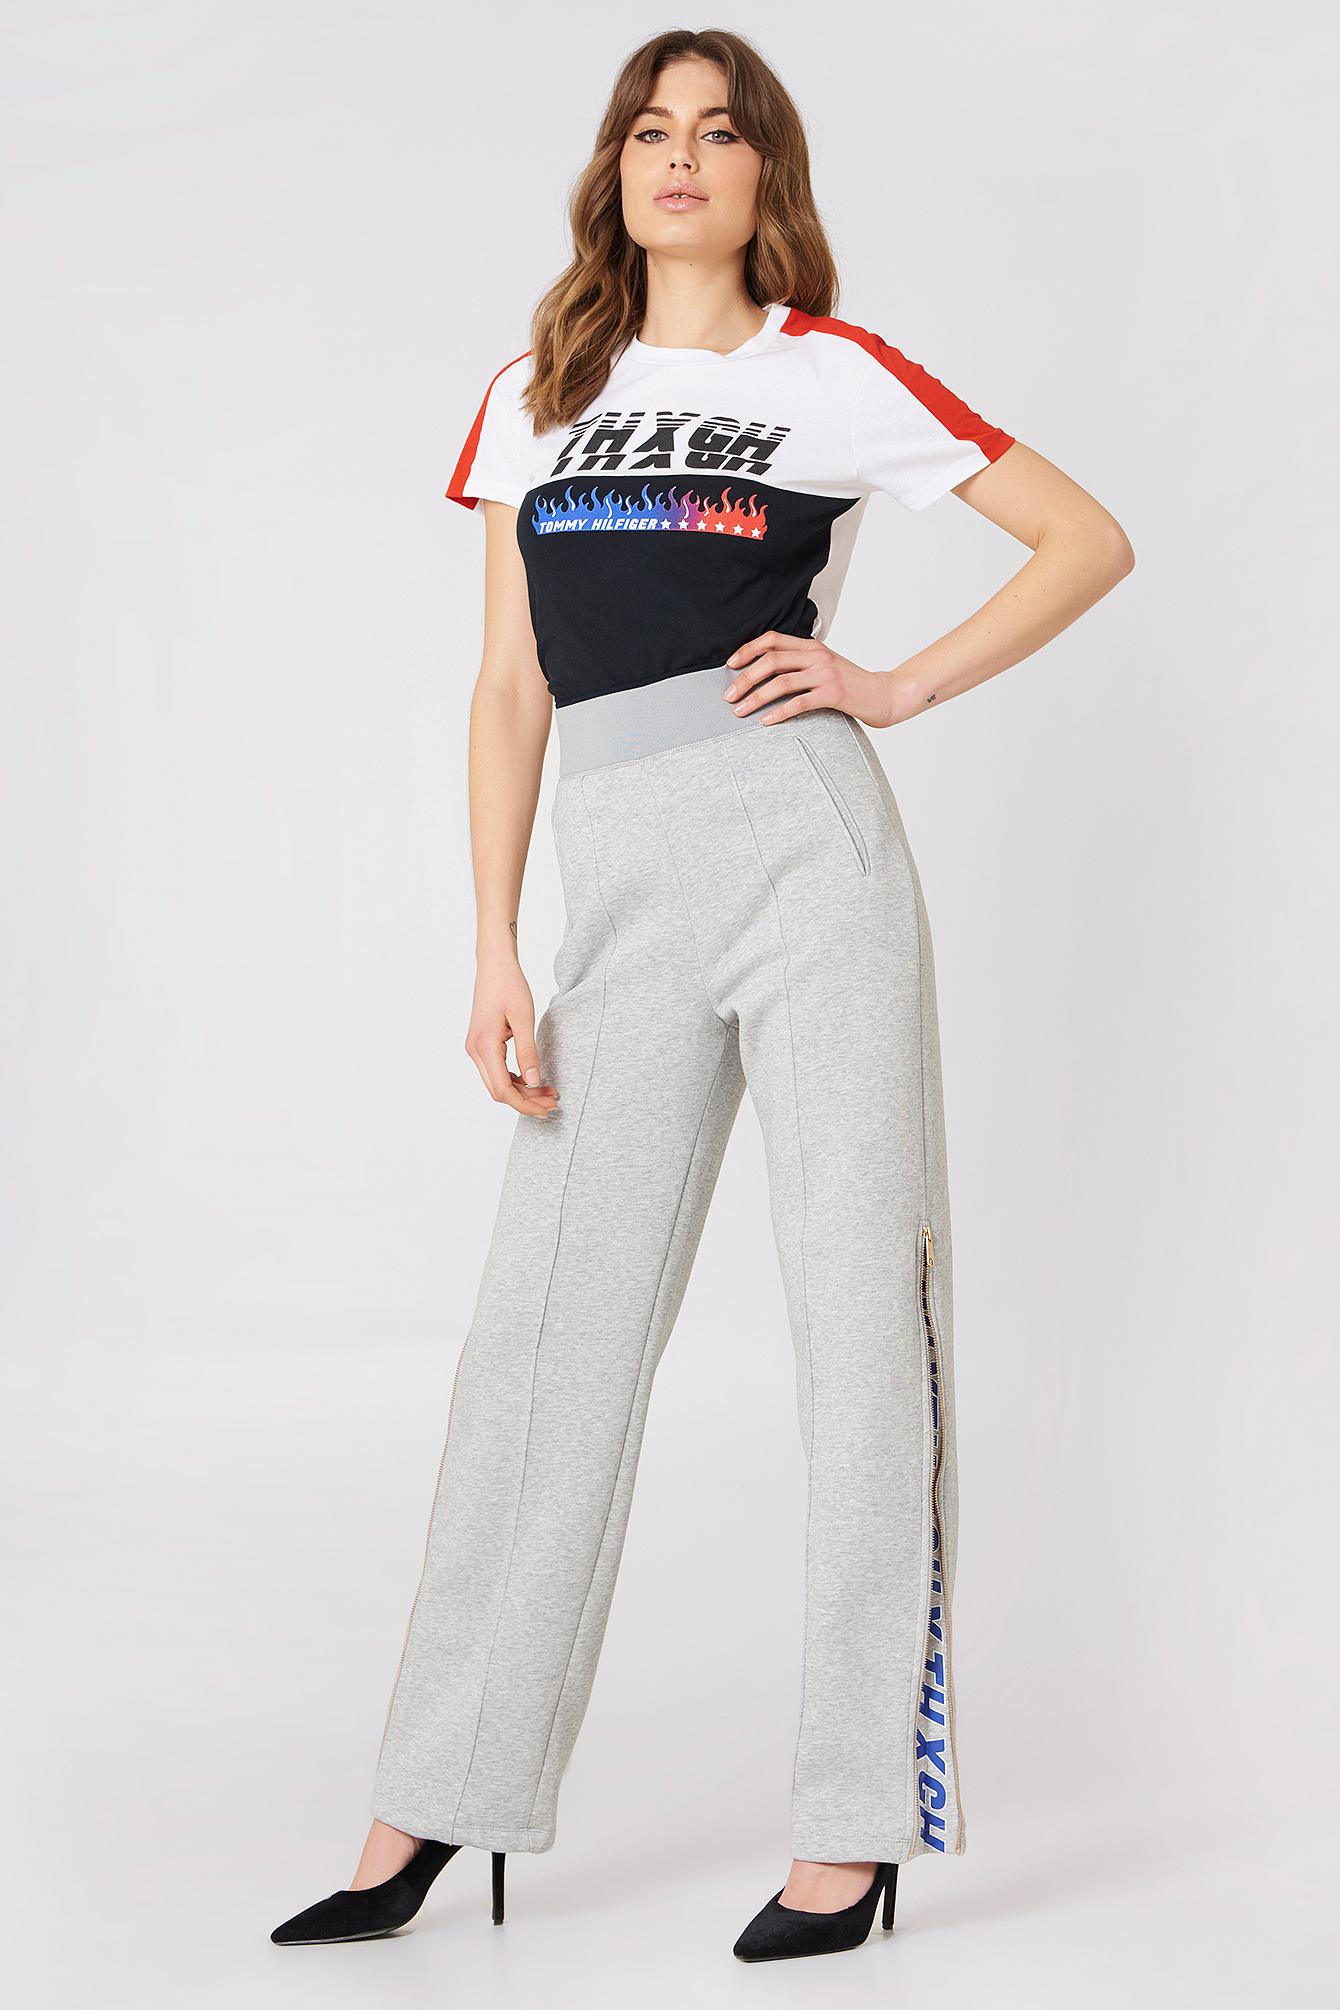 7b3306db7ba91 Tommy Hilfiger Tommy X Gigi Gigi Hadid Speed Ss T Shirt In Grey ...